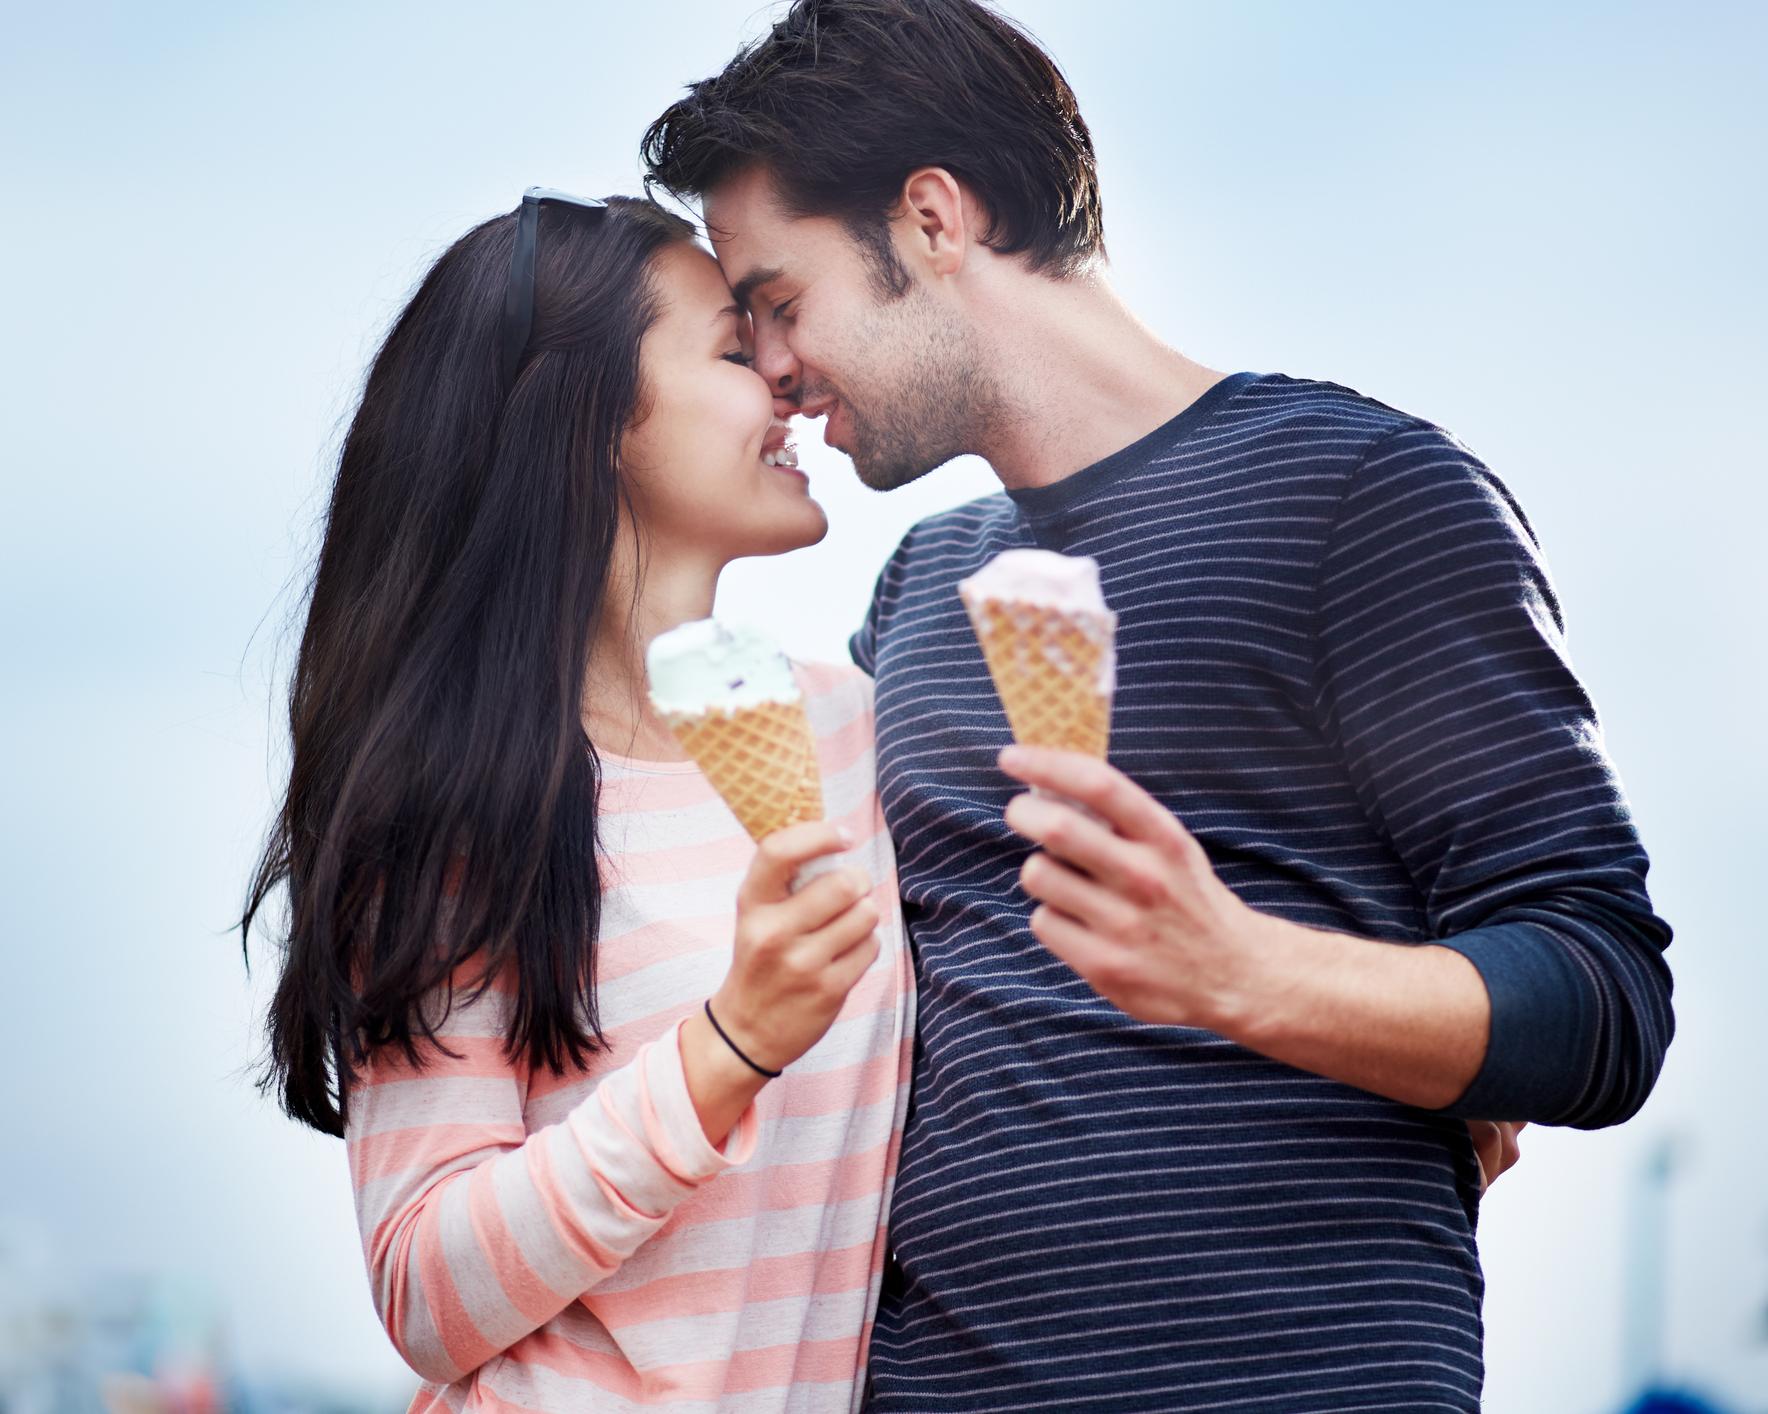 Bride_Groom_Couple_Ice_Cream